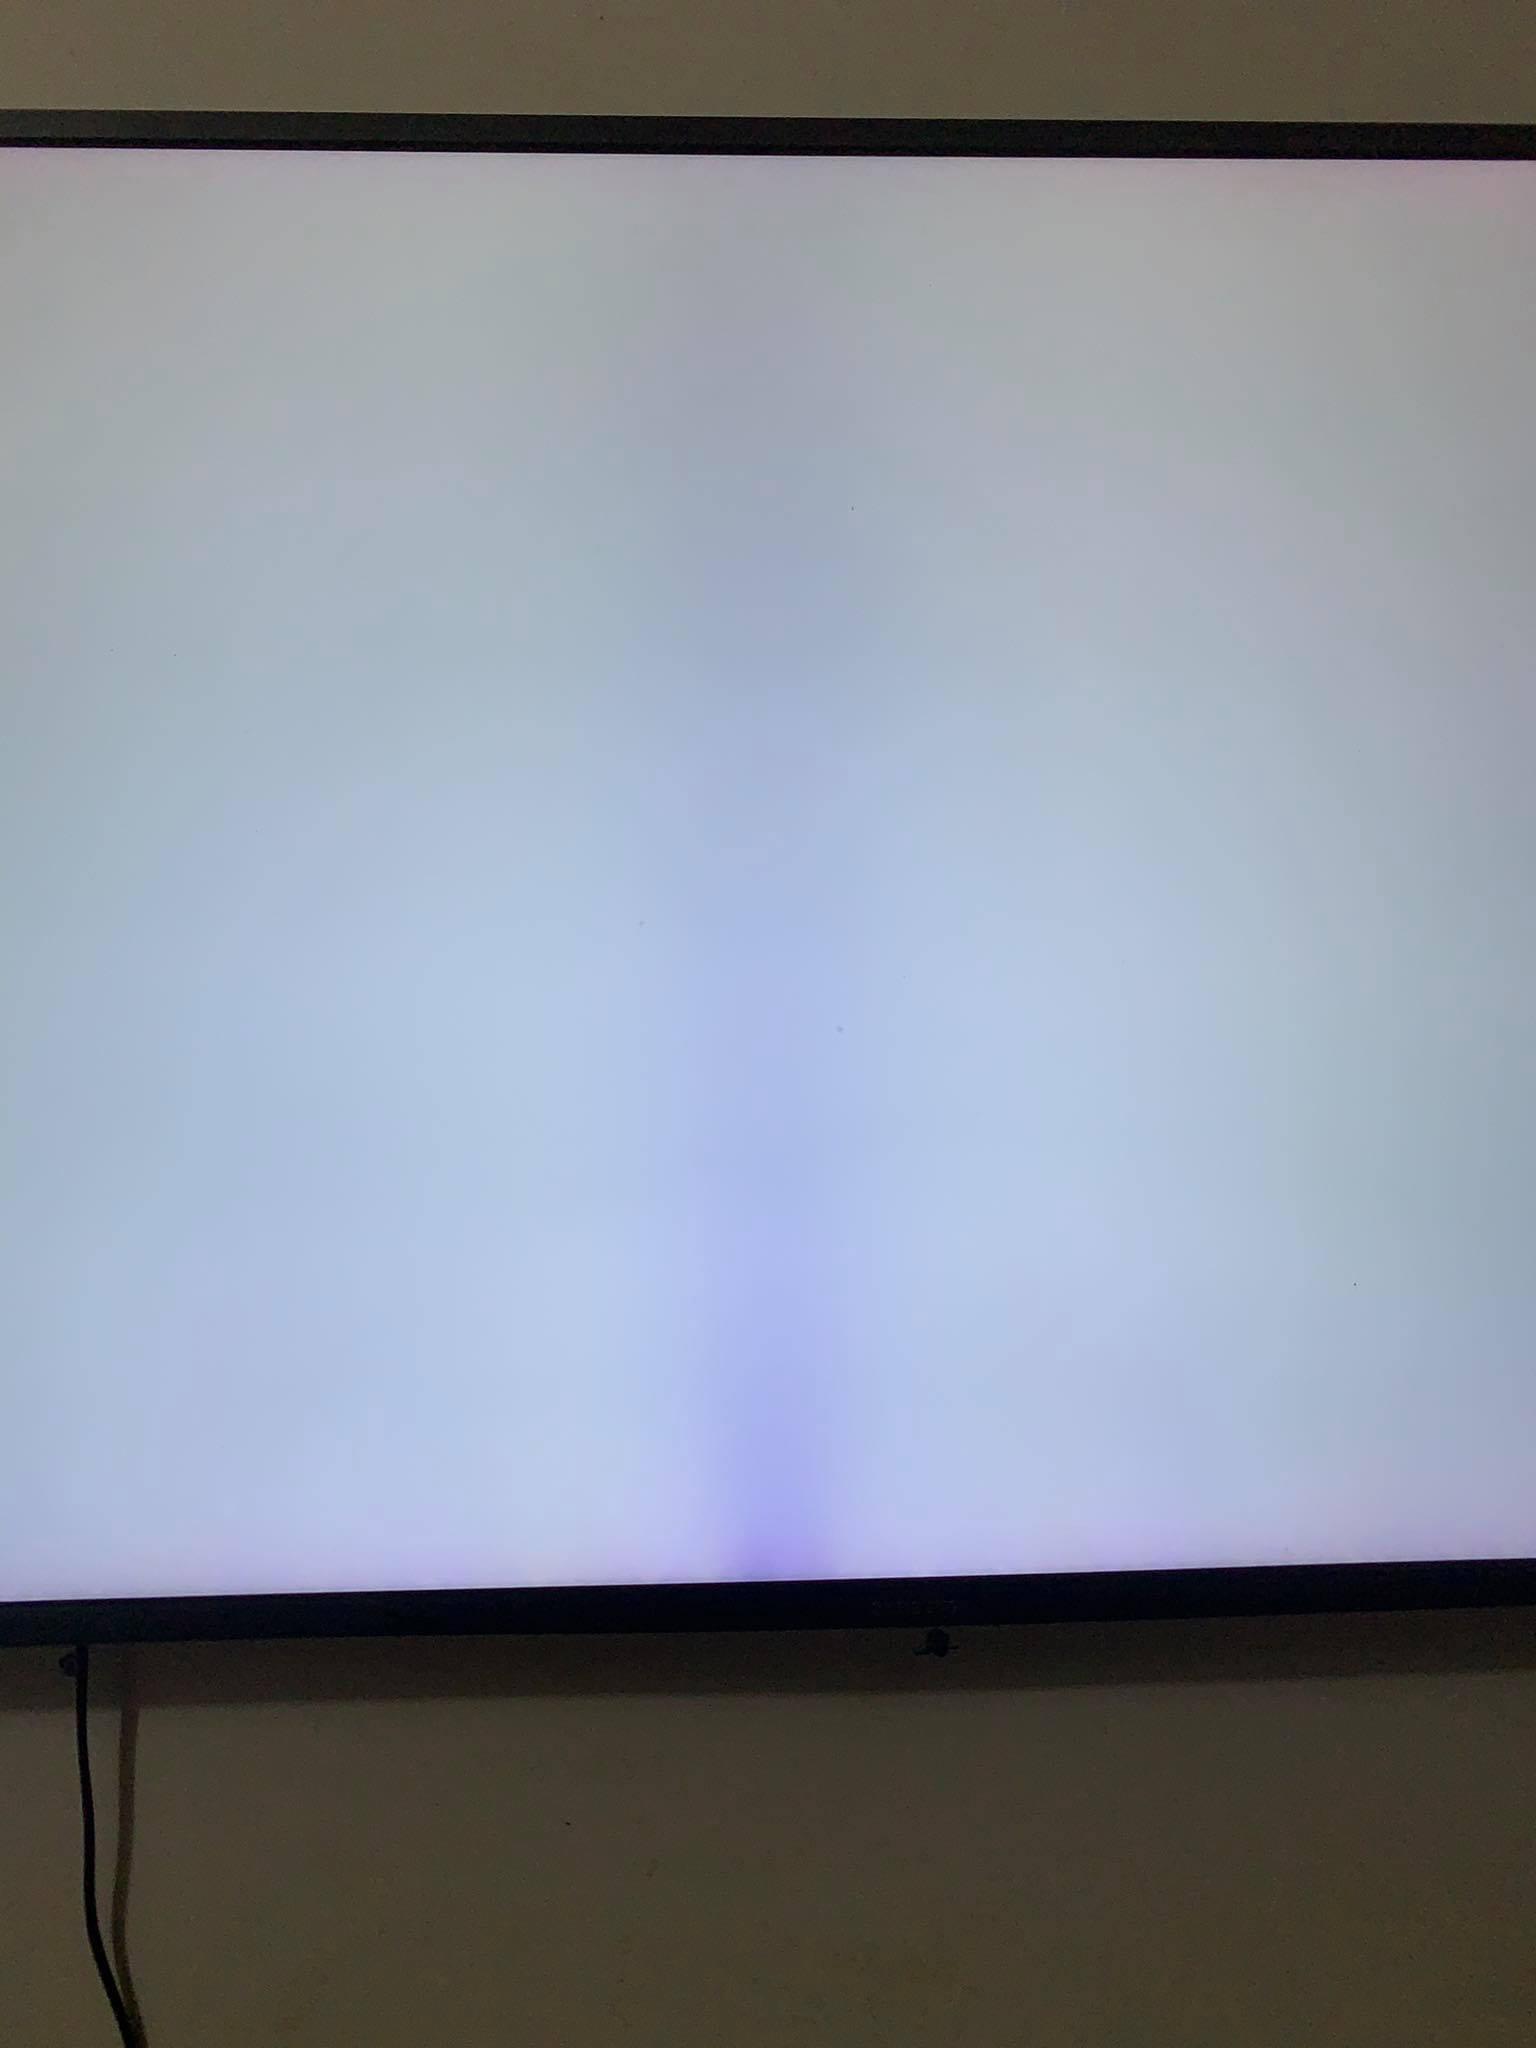 Dịch Vụ Sửa Tivi Tại Nhà Quận 8 Giá Rẻ